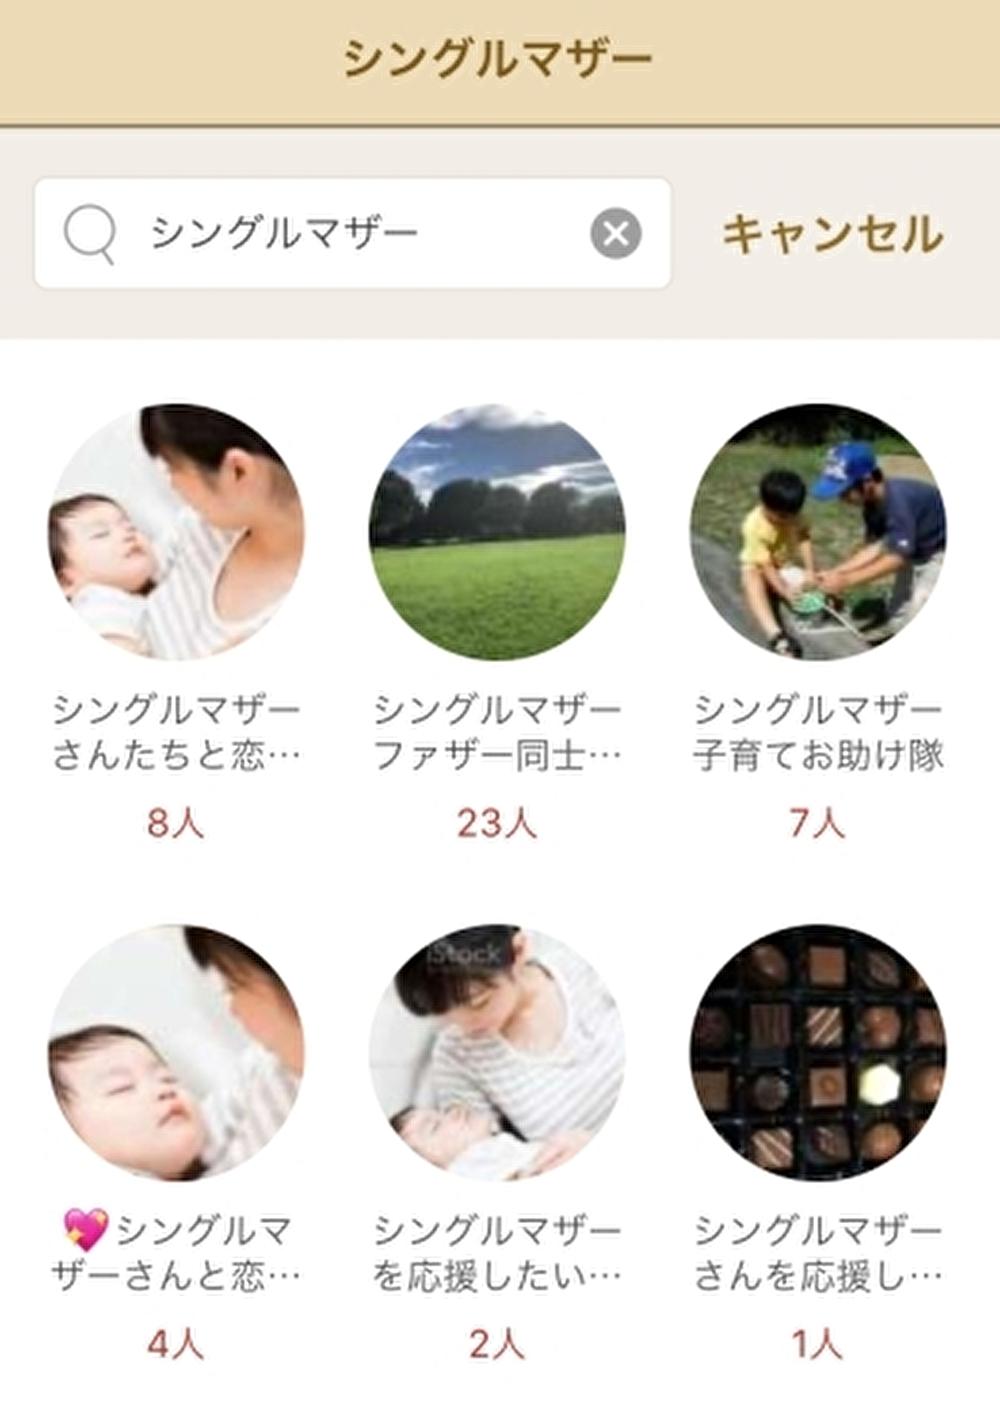 バツイチの恋愛 シンママシンパパ再婚アプリ「マリッシュ」